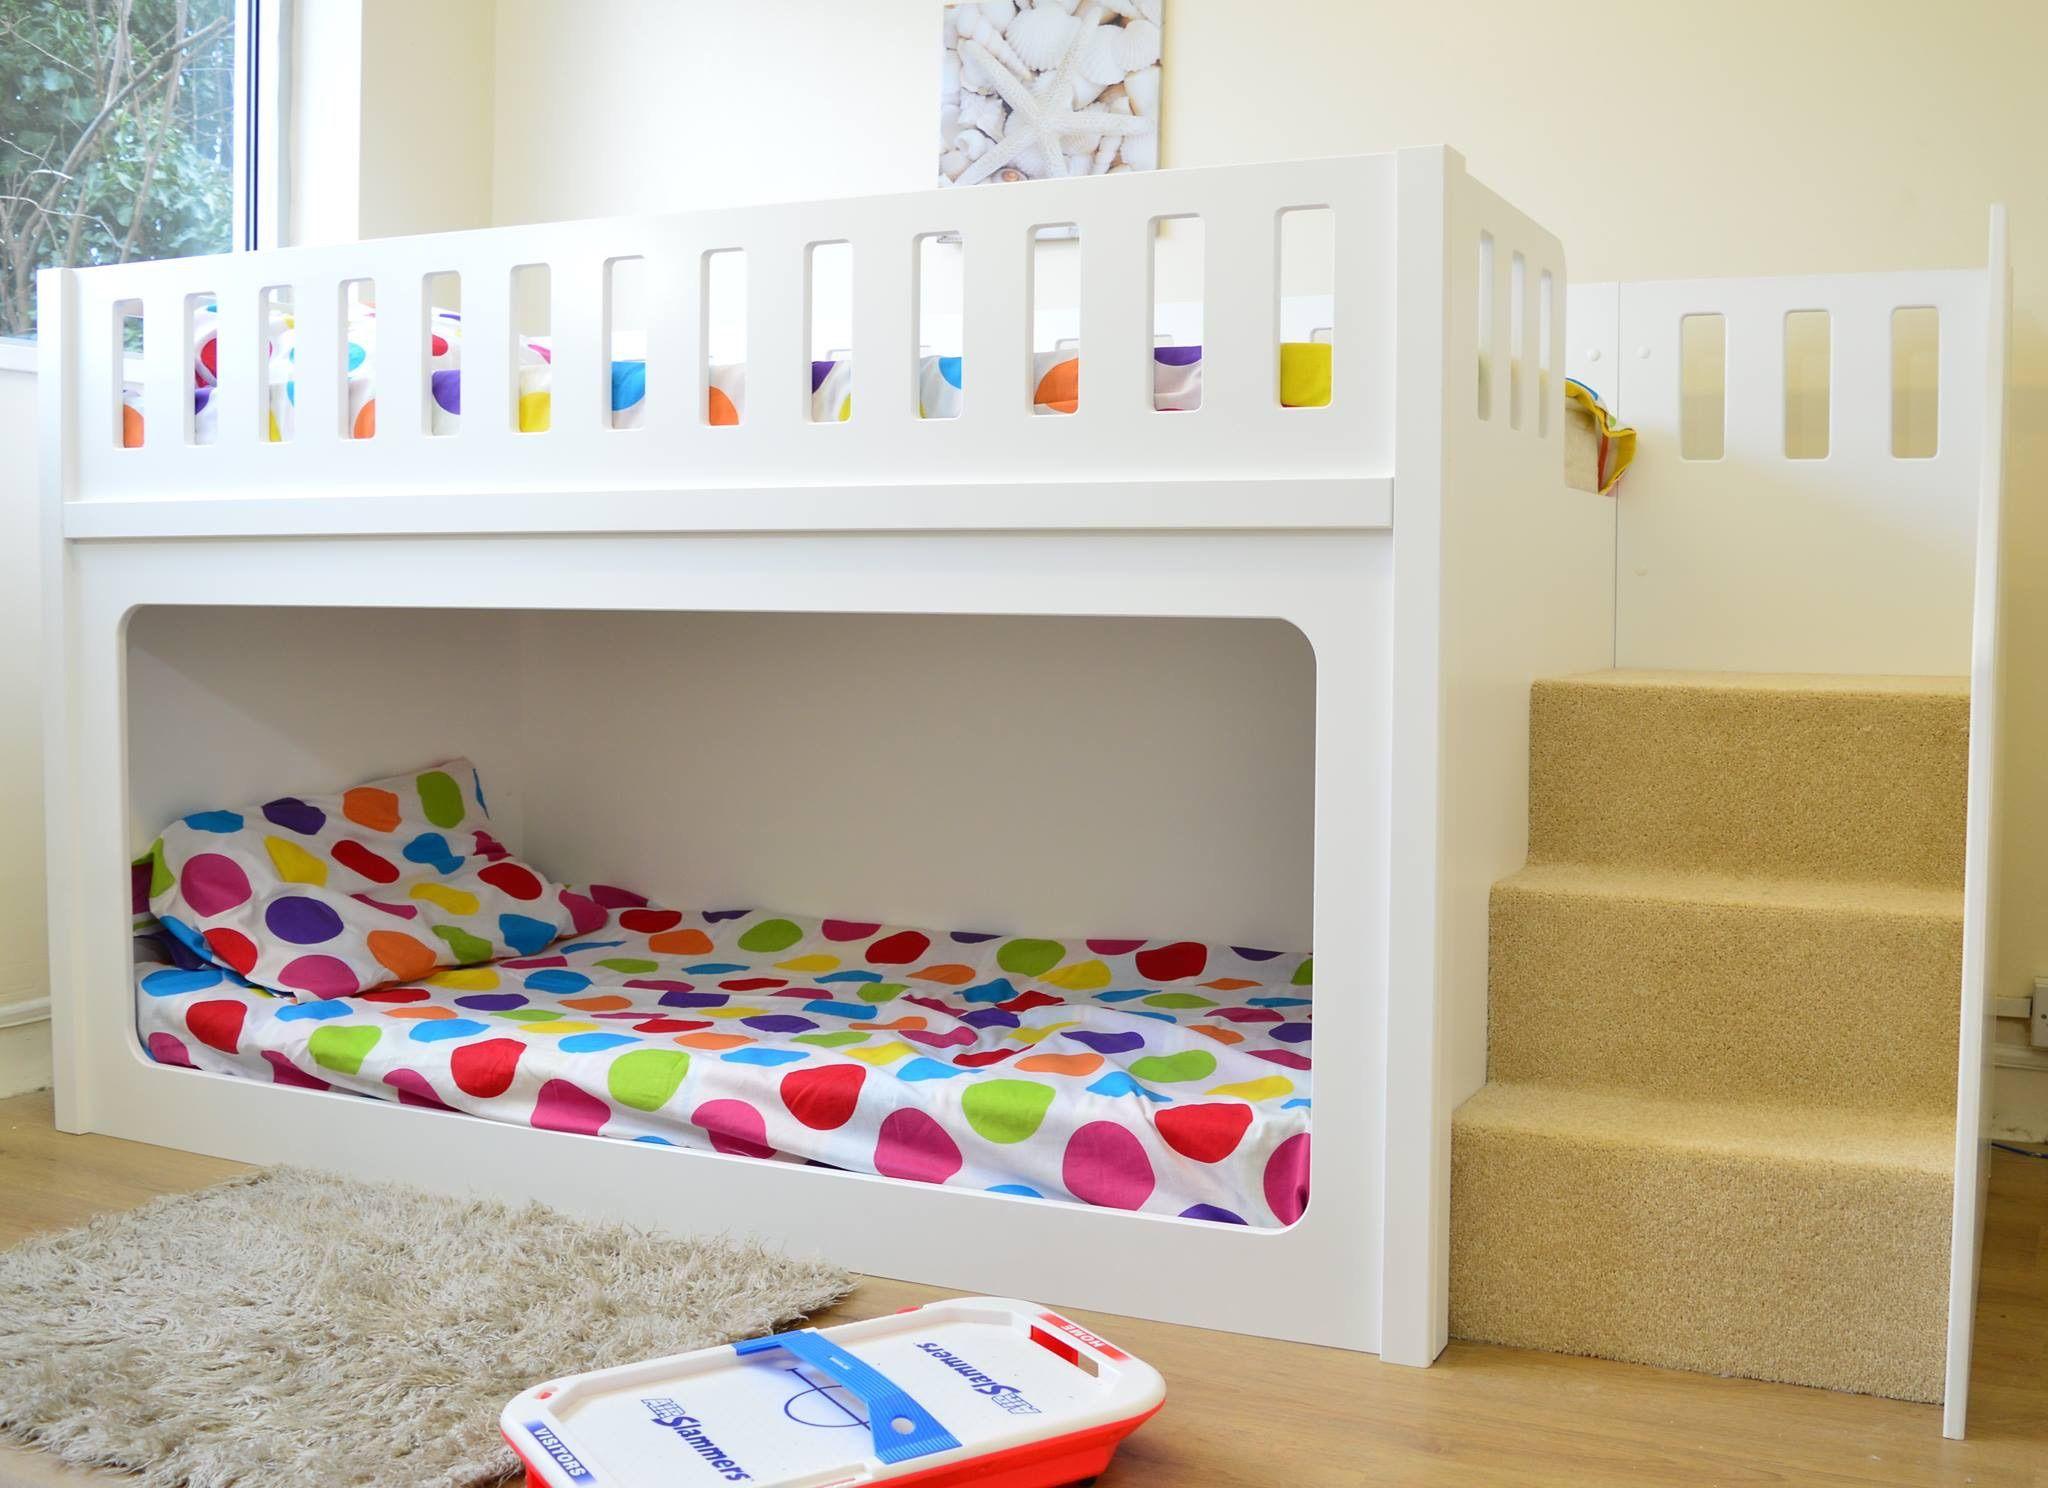 Kinder Zweibettzimmer Mit Hochbett Und Etagenbett Für Mädchen Etagenbetten  Für Kinder Twin Size Etagenbetten Für Verkauf